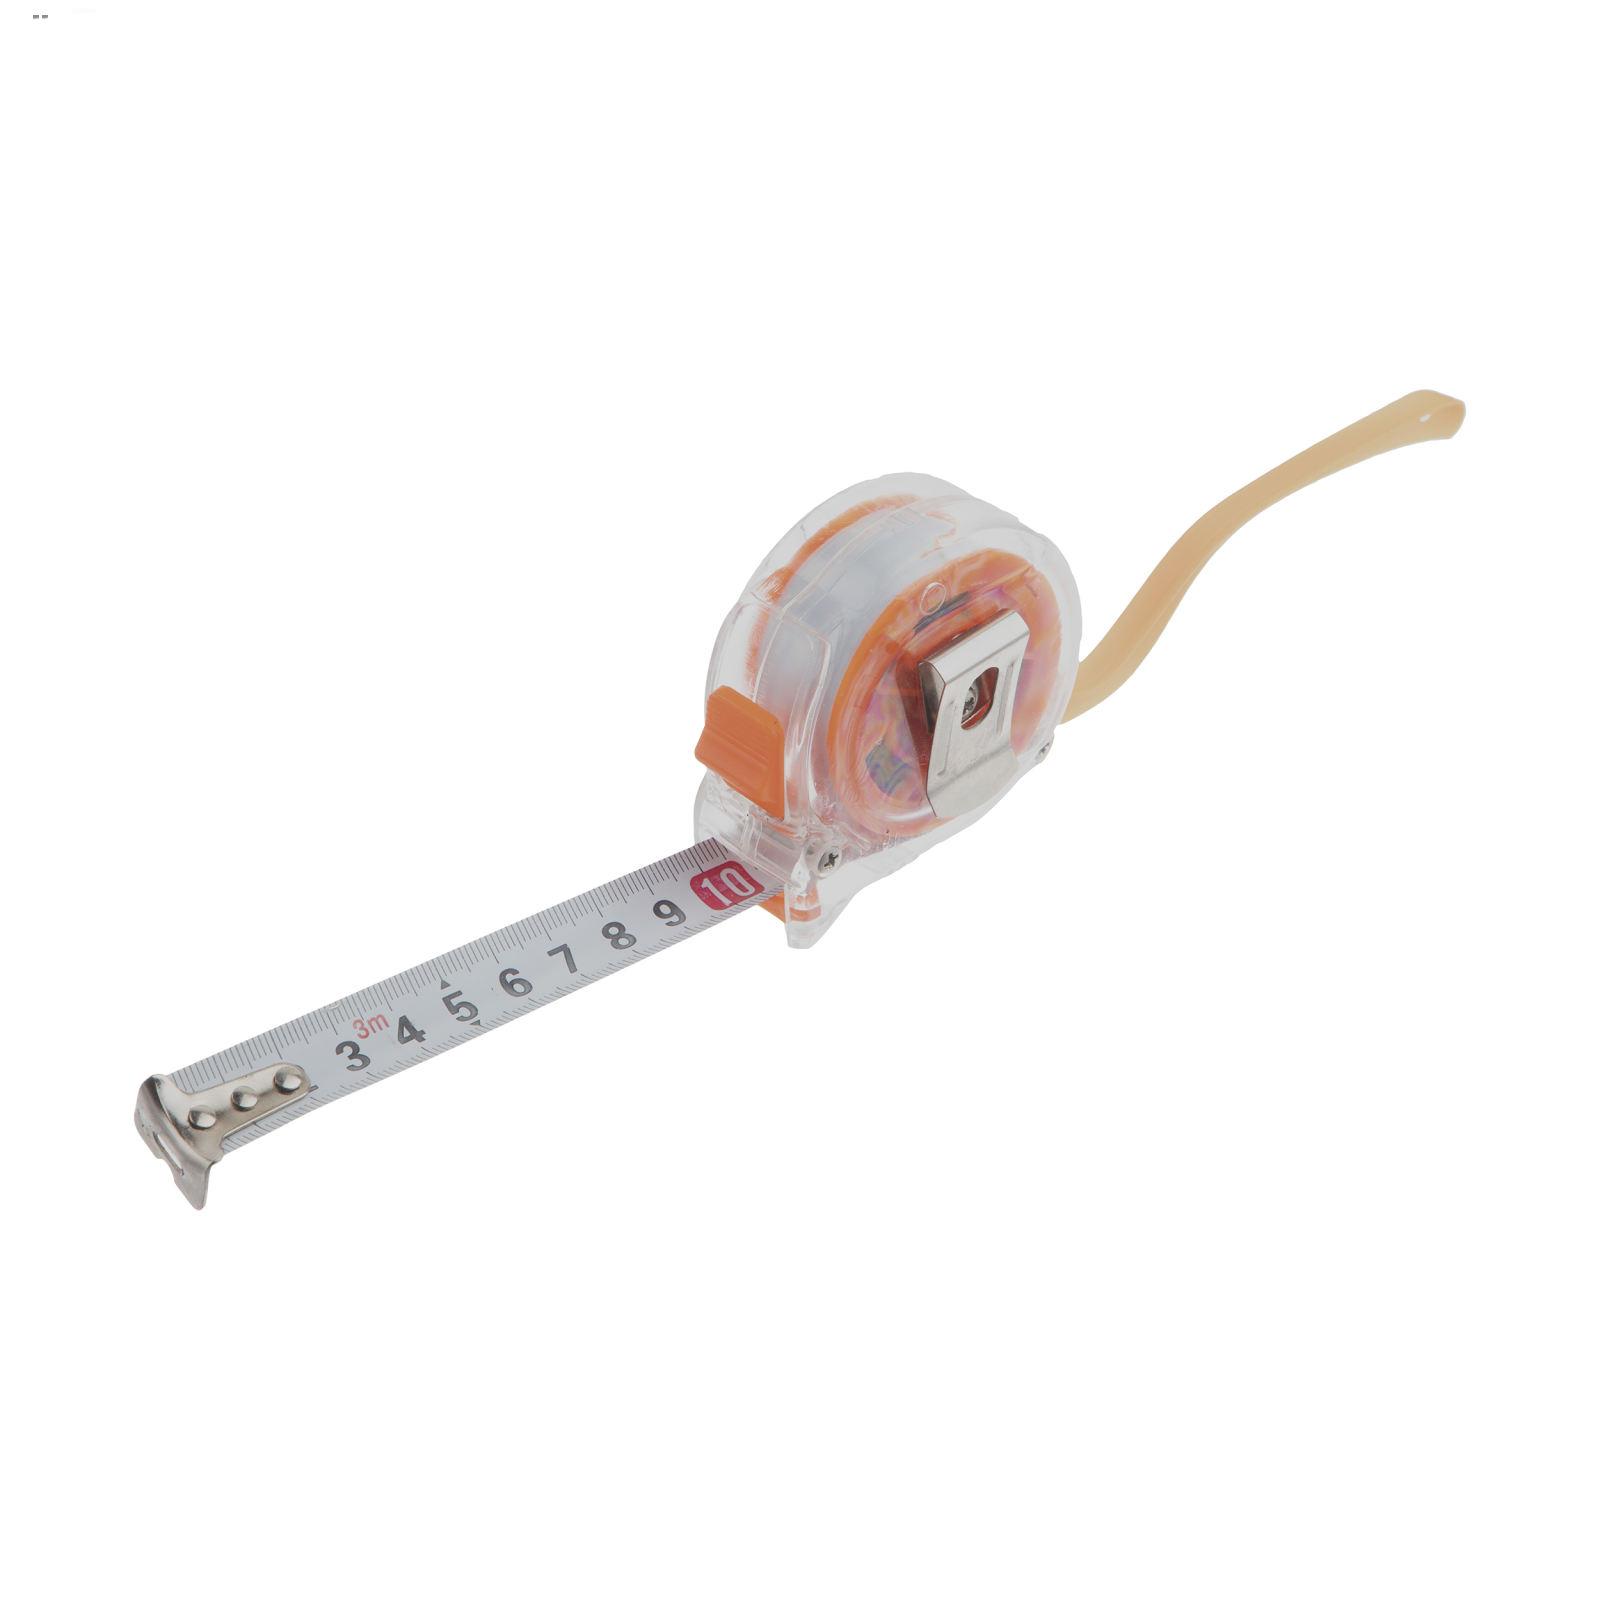 مجموعه 130 عددی ابزار مستر تولز کد 6013 main 1 1